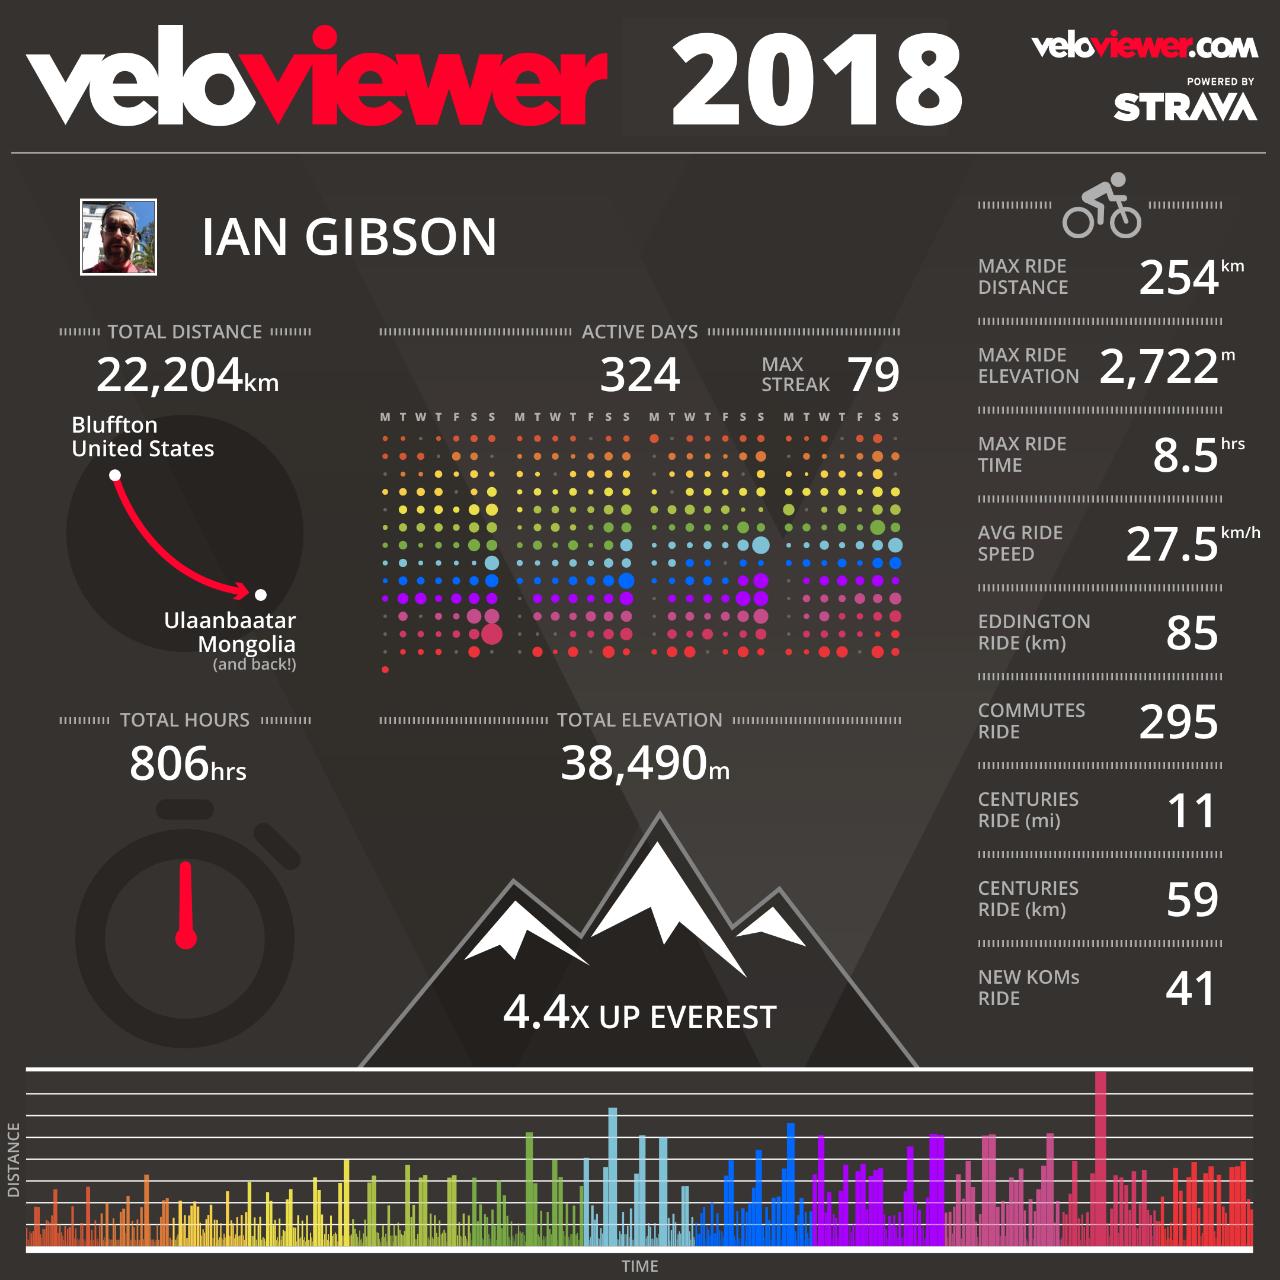 VeloViewer 2018 Summary